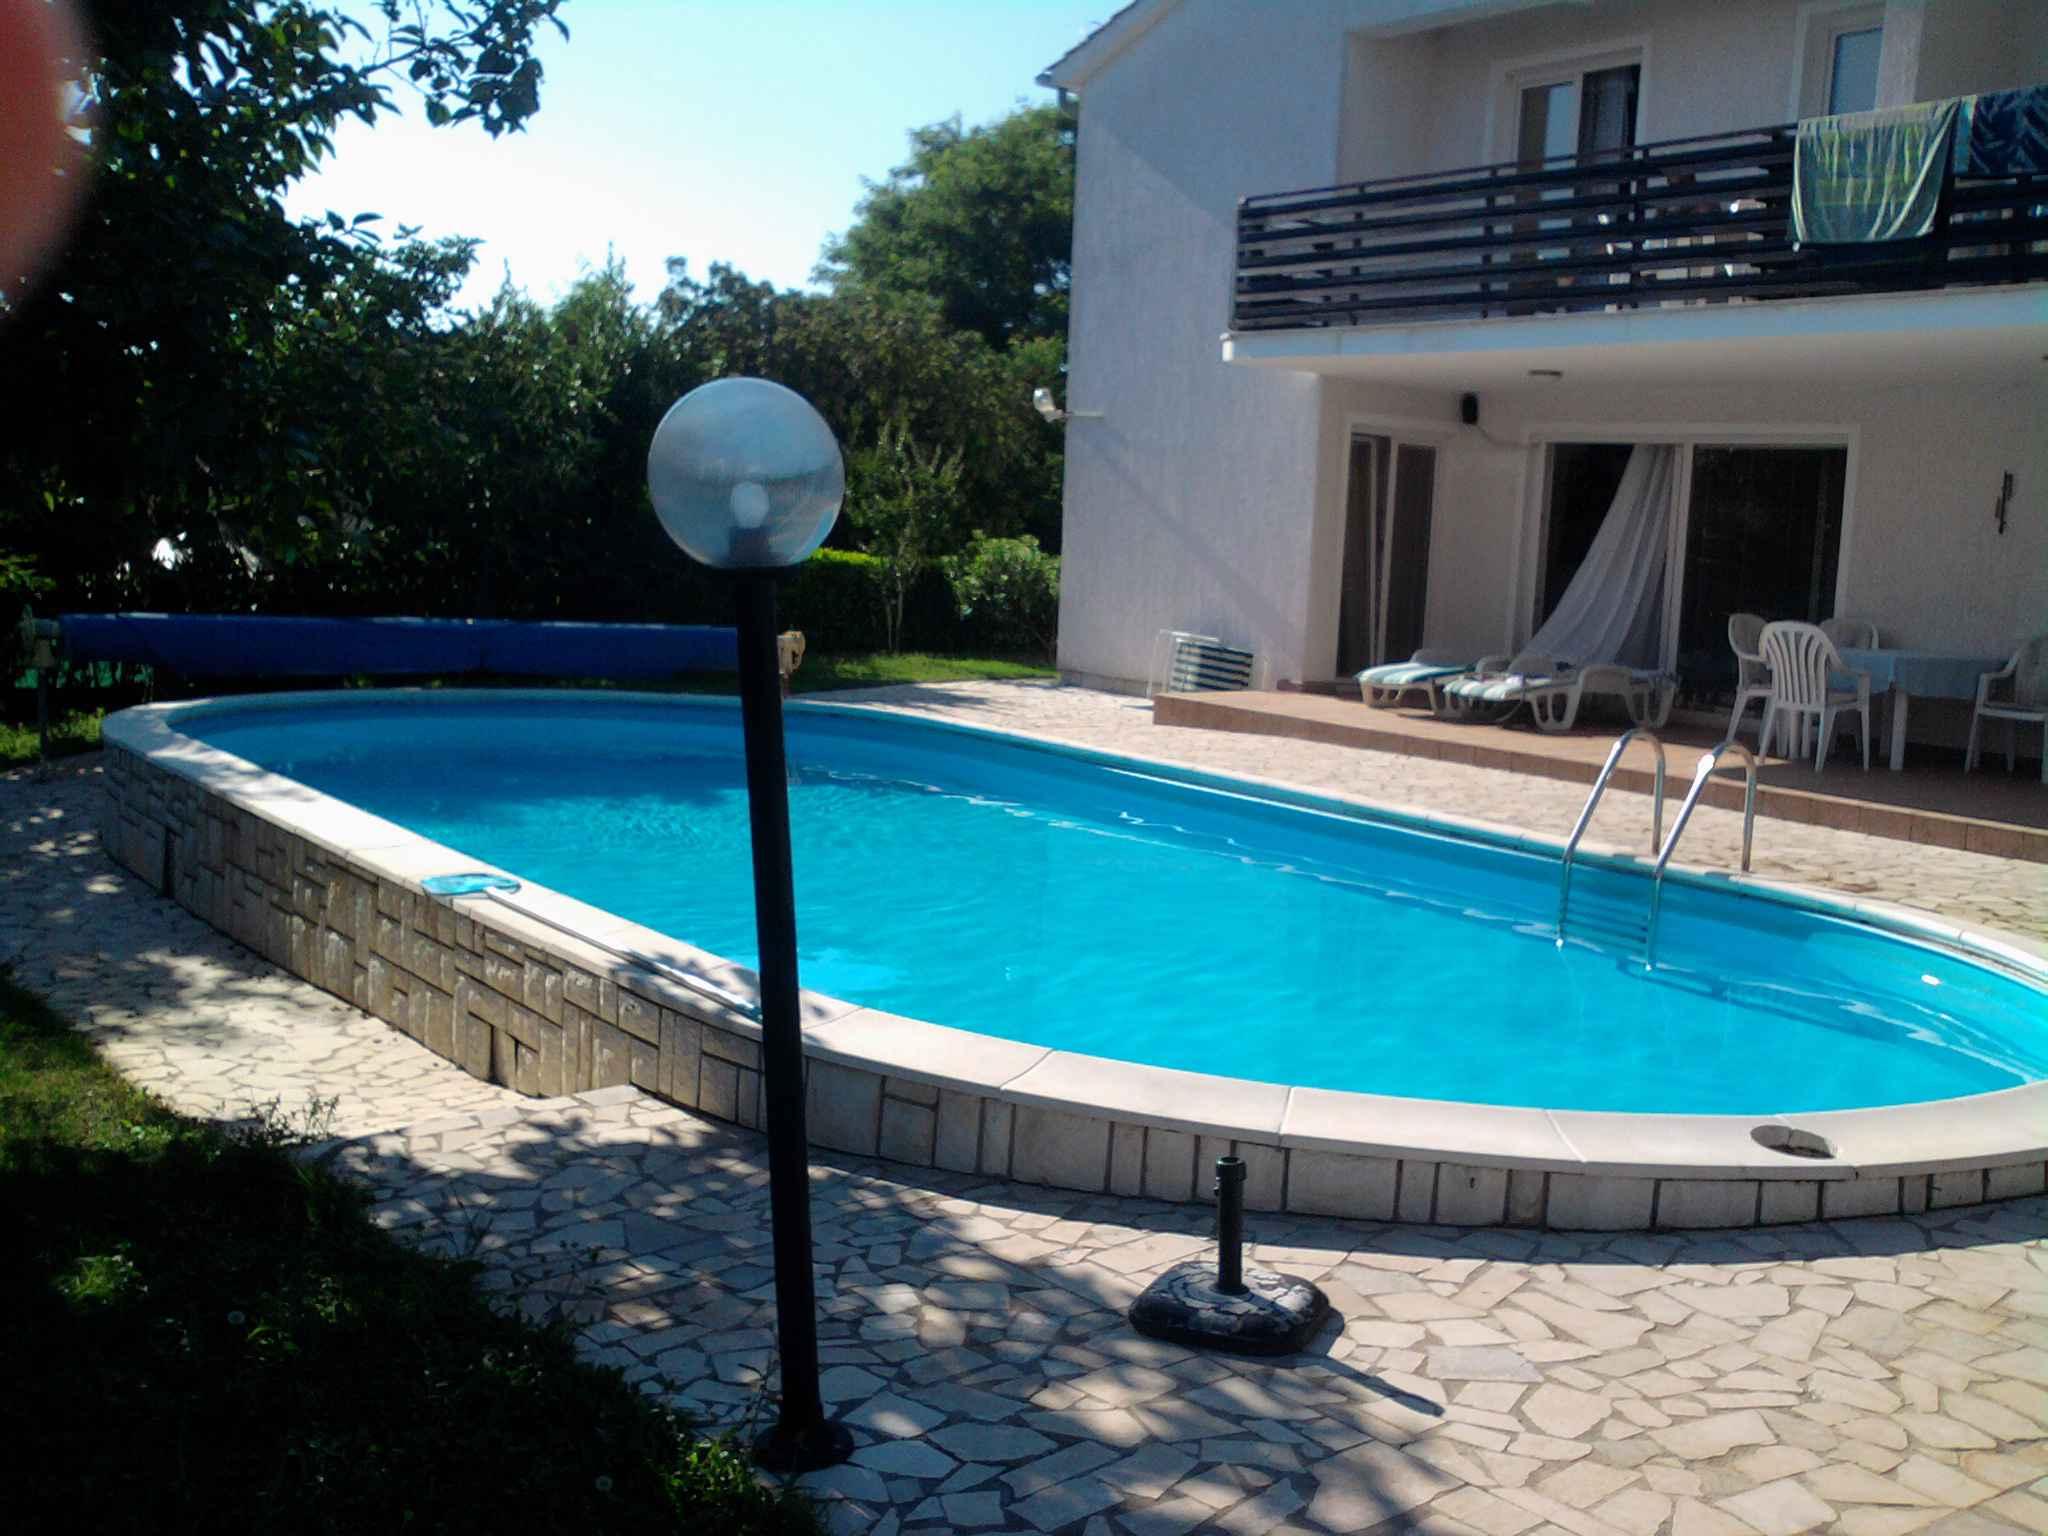 Ferienwohnung mit Pool (280350), Porec, , Istrien, Kroatien, Bild 9